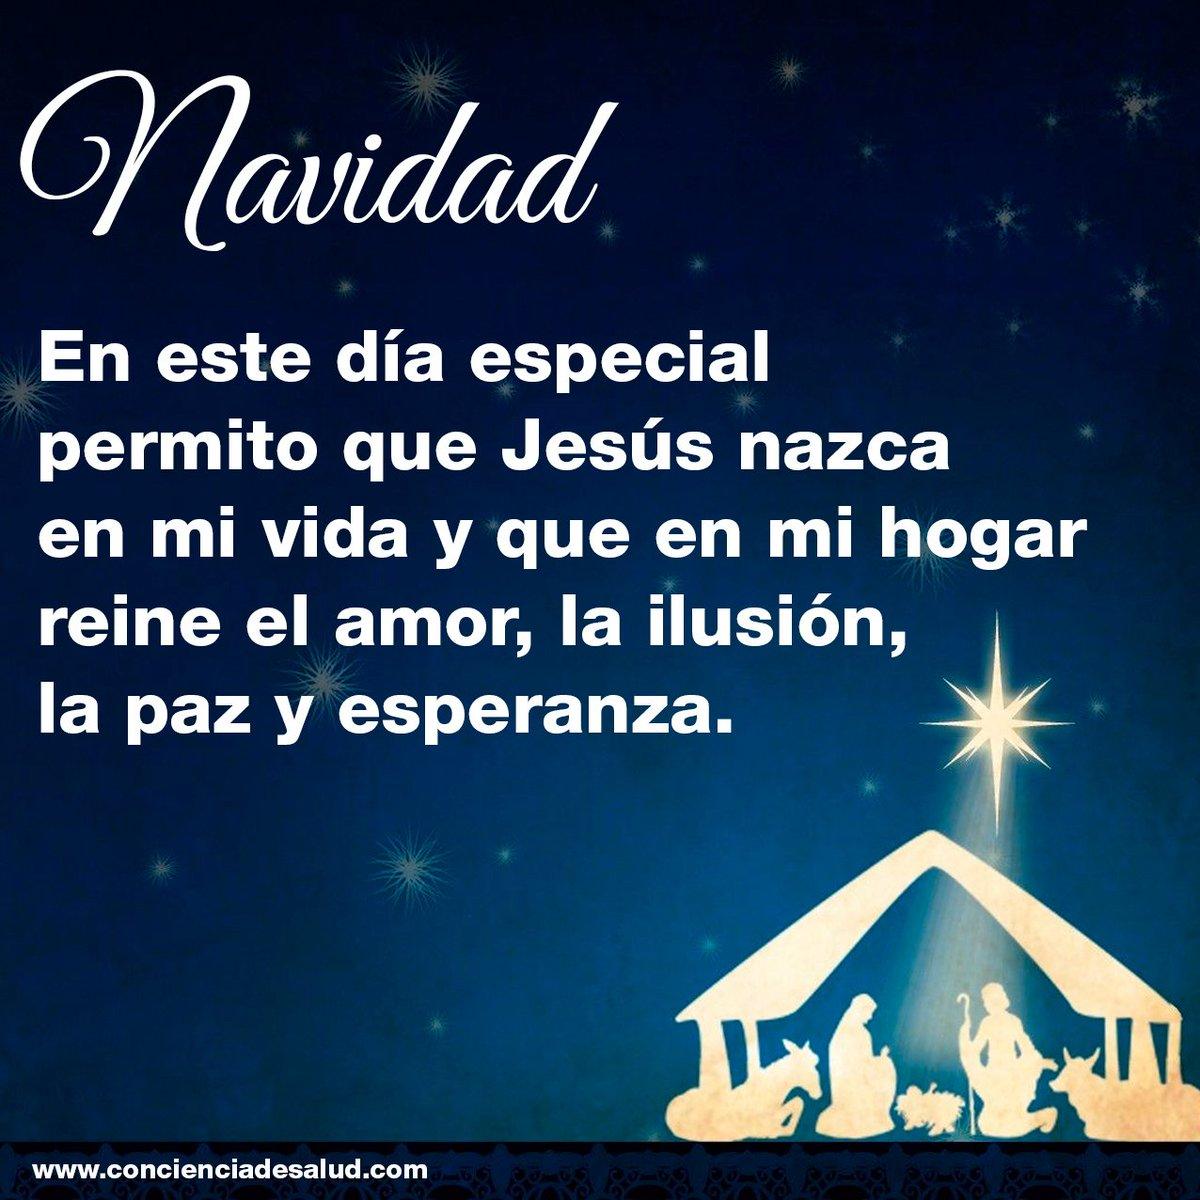 Feliz Navidad Siempre Asi.Martha Sn On Twitter Asi Sea Feliz Navidad Que En Tu